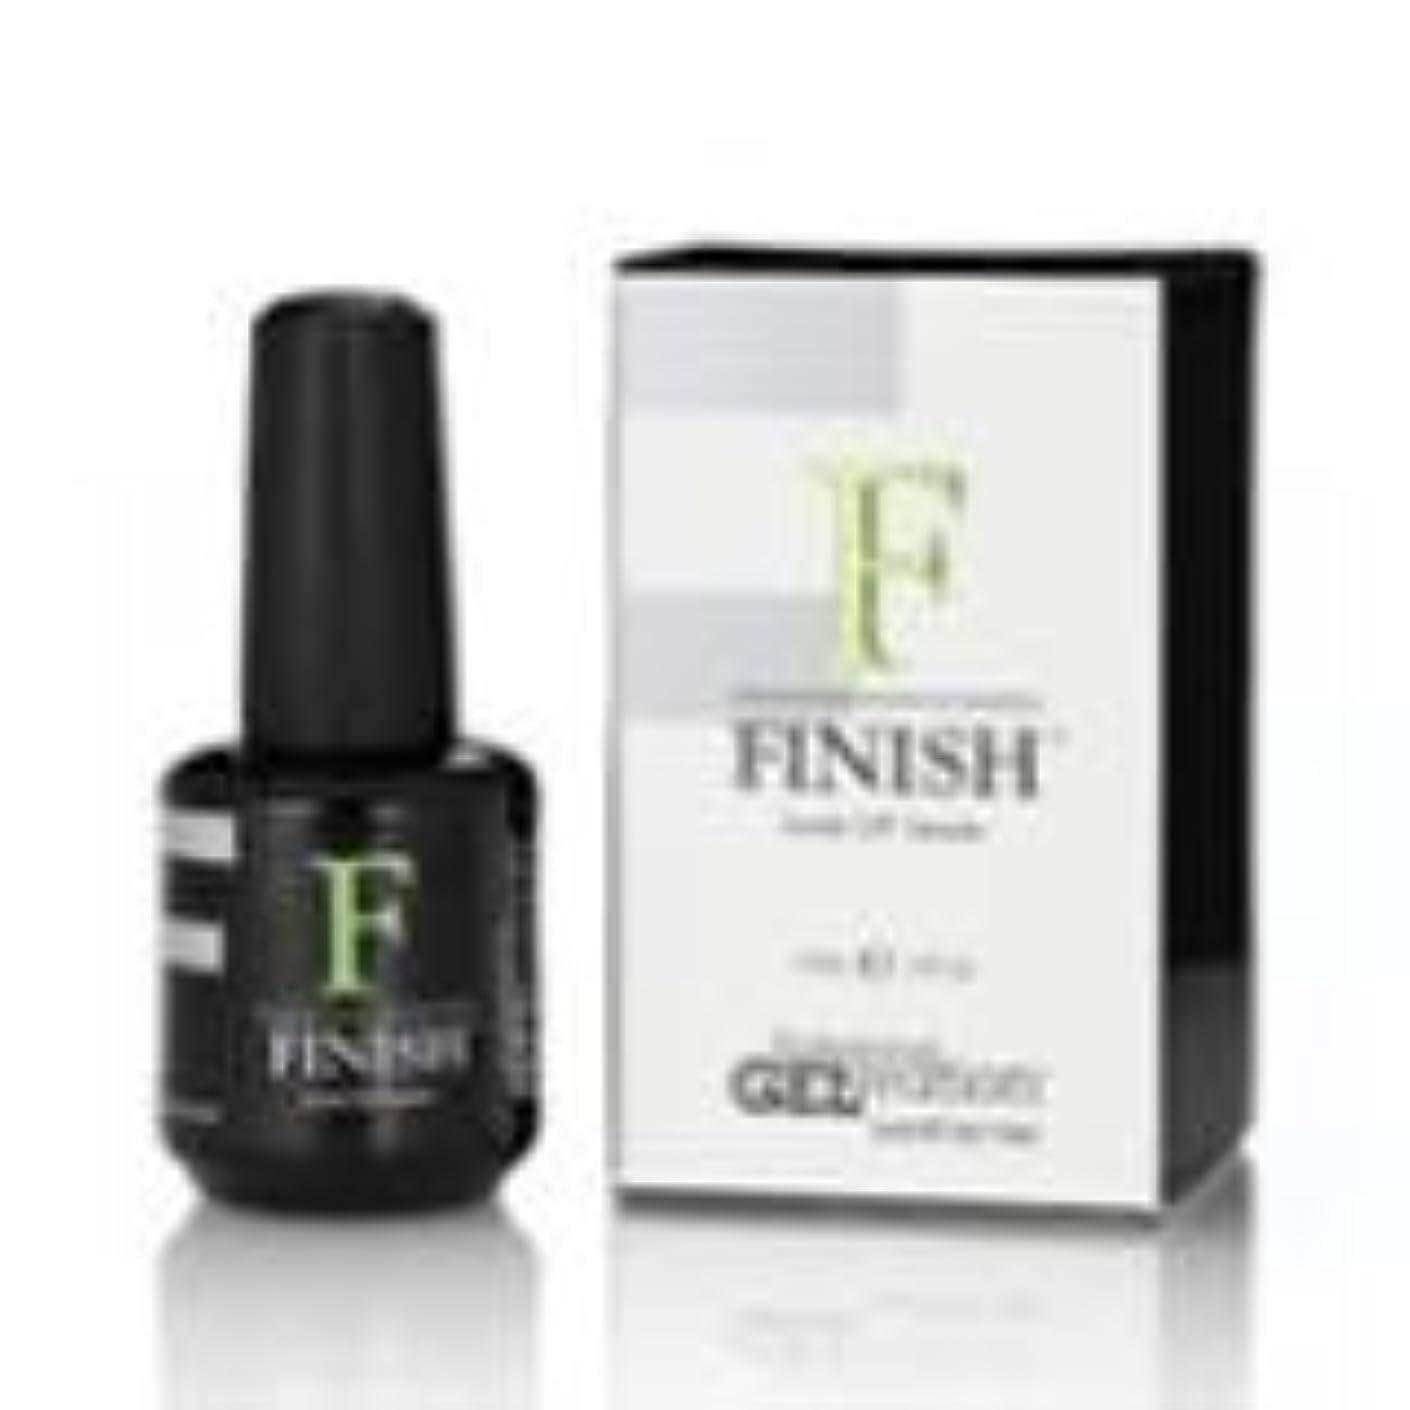 医薬品カウボーイ留め金GELeration FINISH Soak-Off Sealer トップジェル